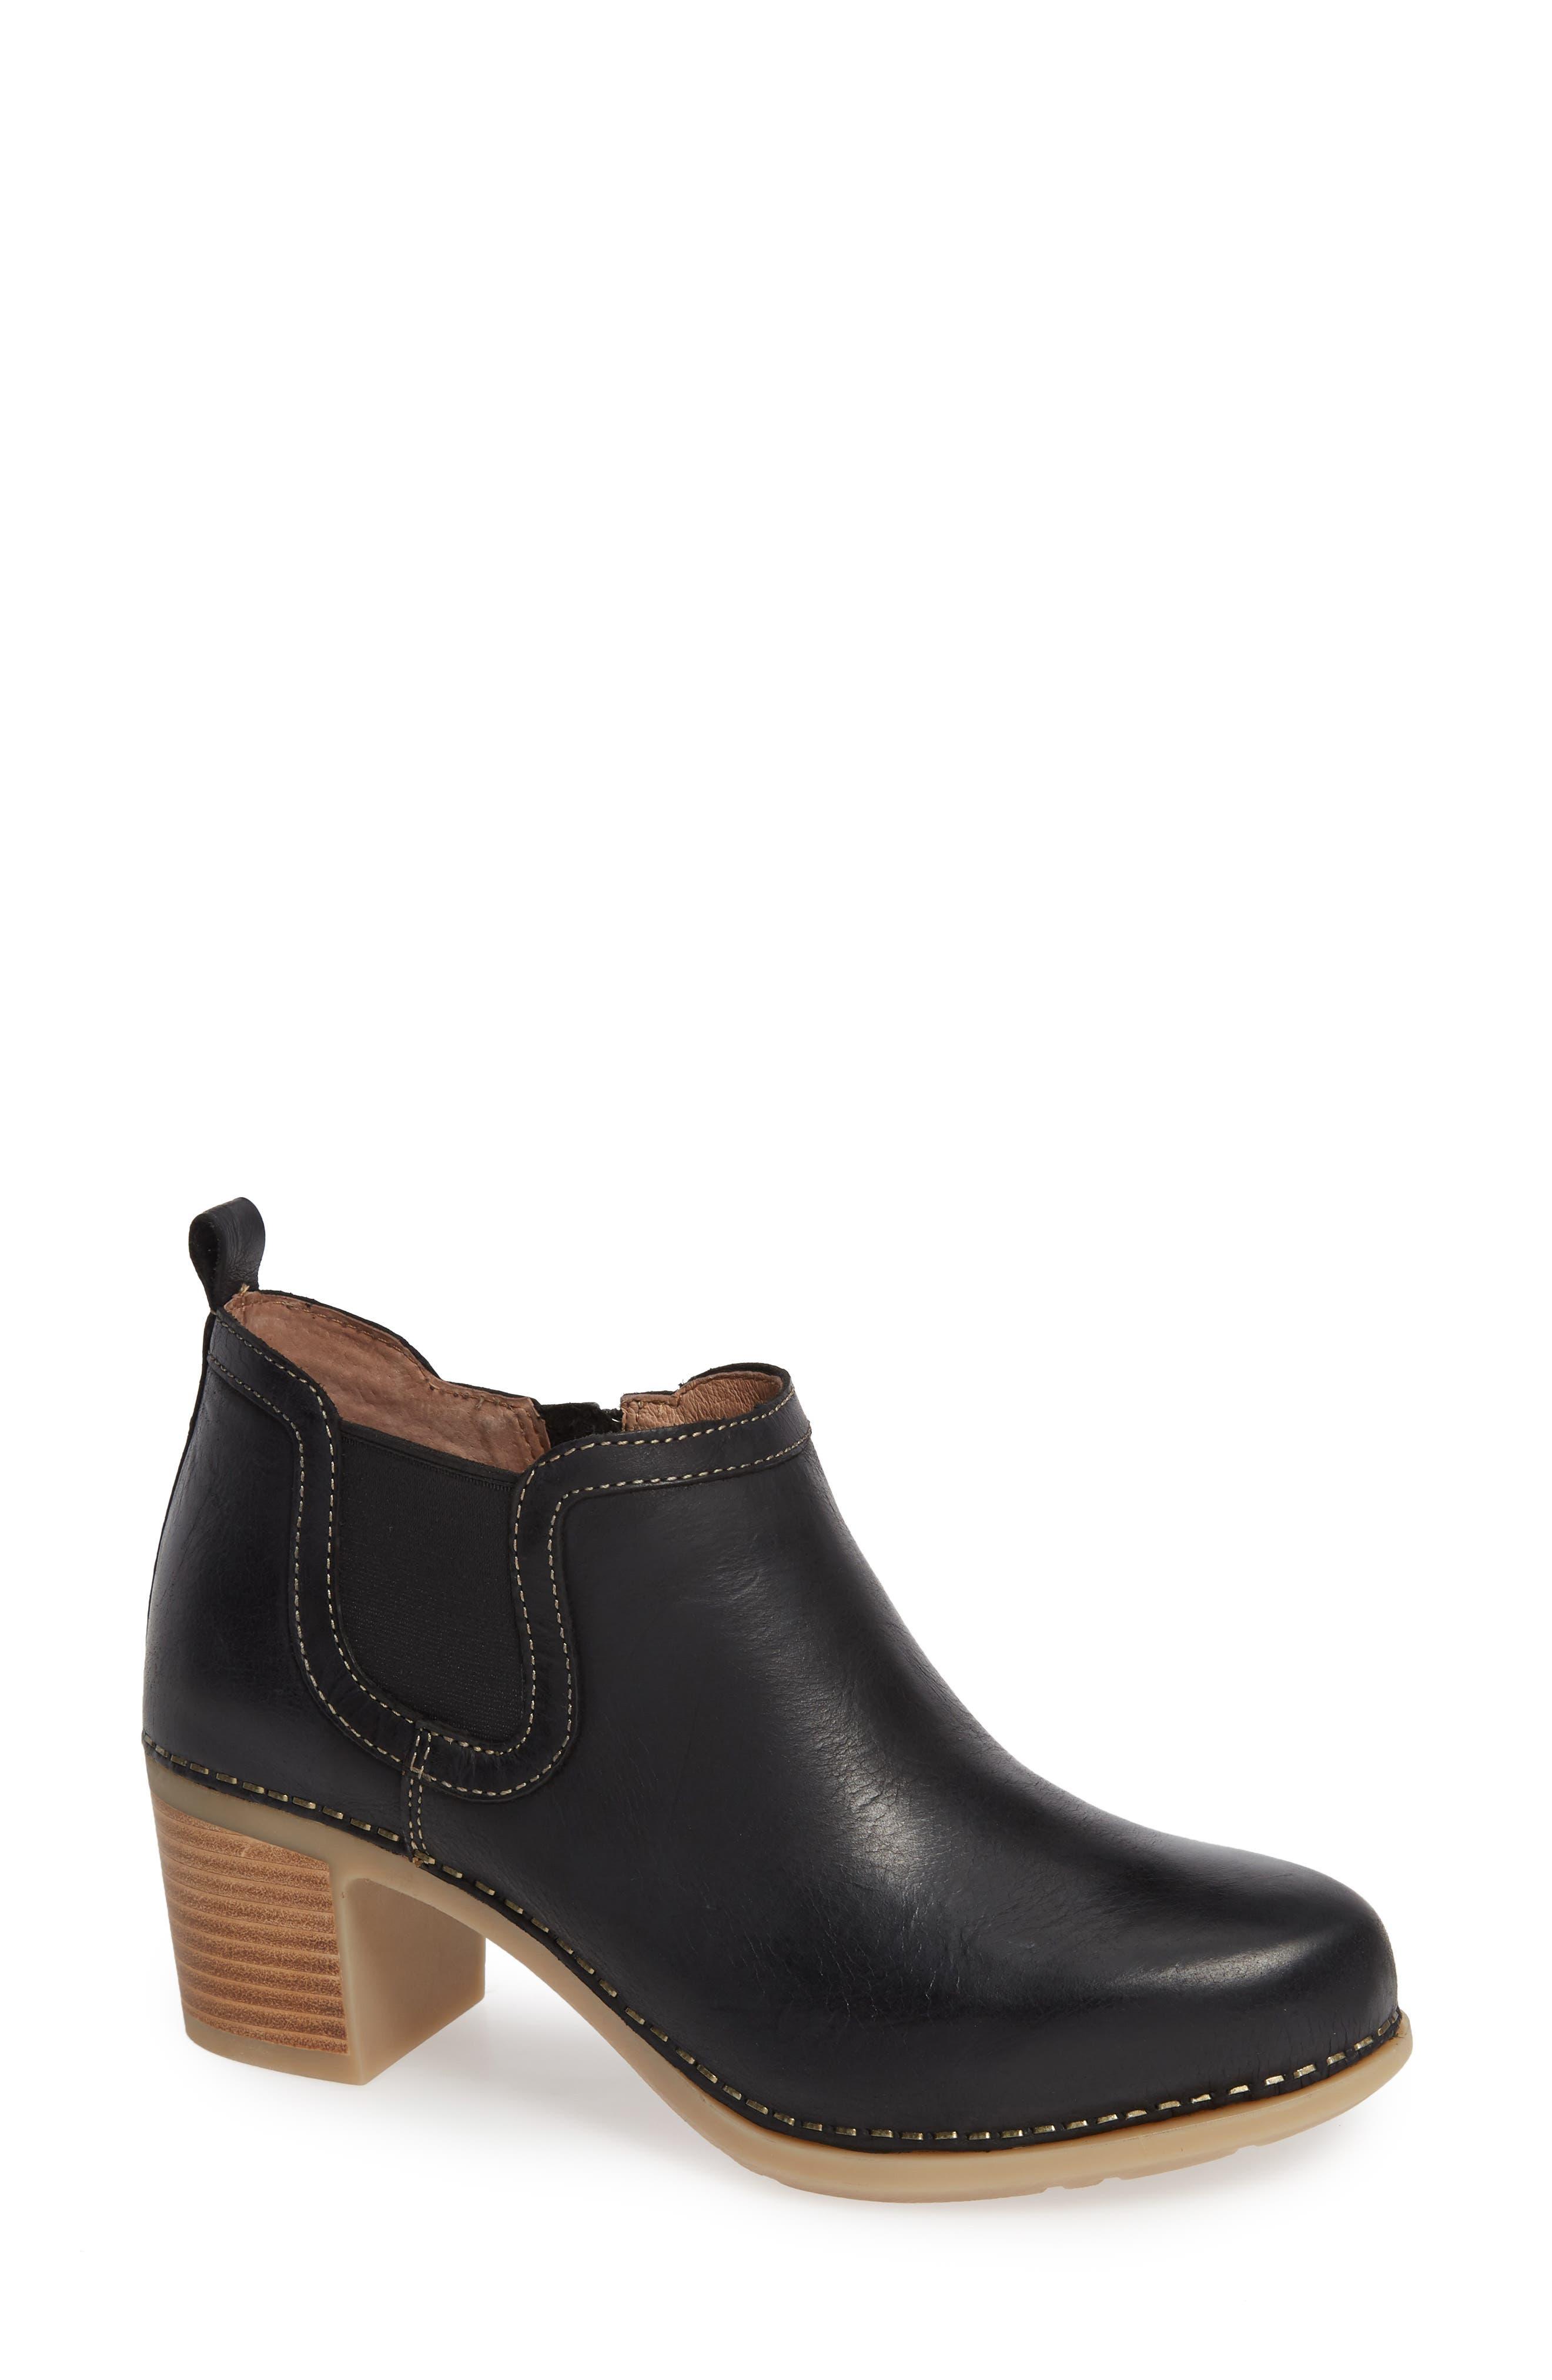 DANSKO Harlene Block Heel Bootie, Main, color, 001